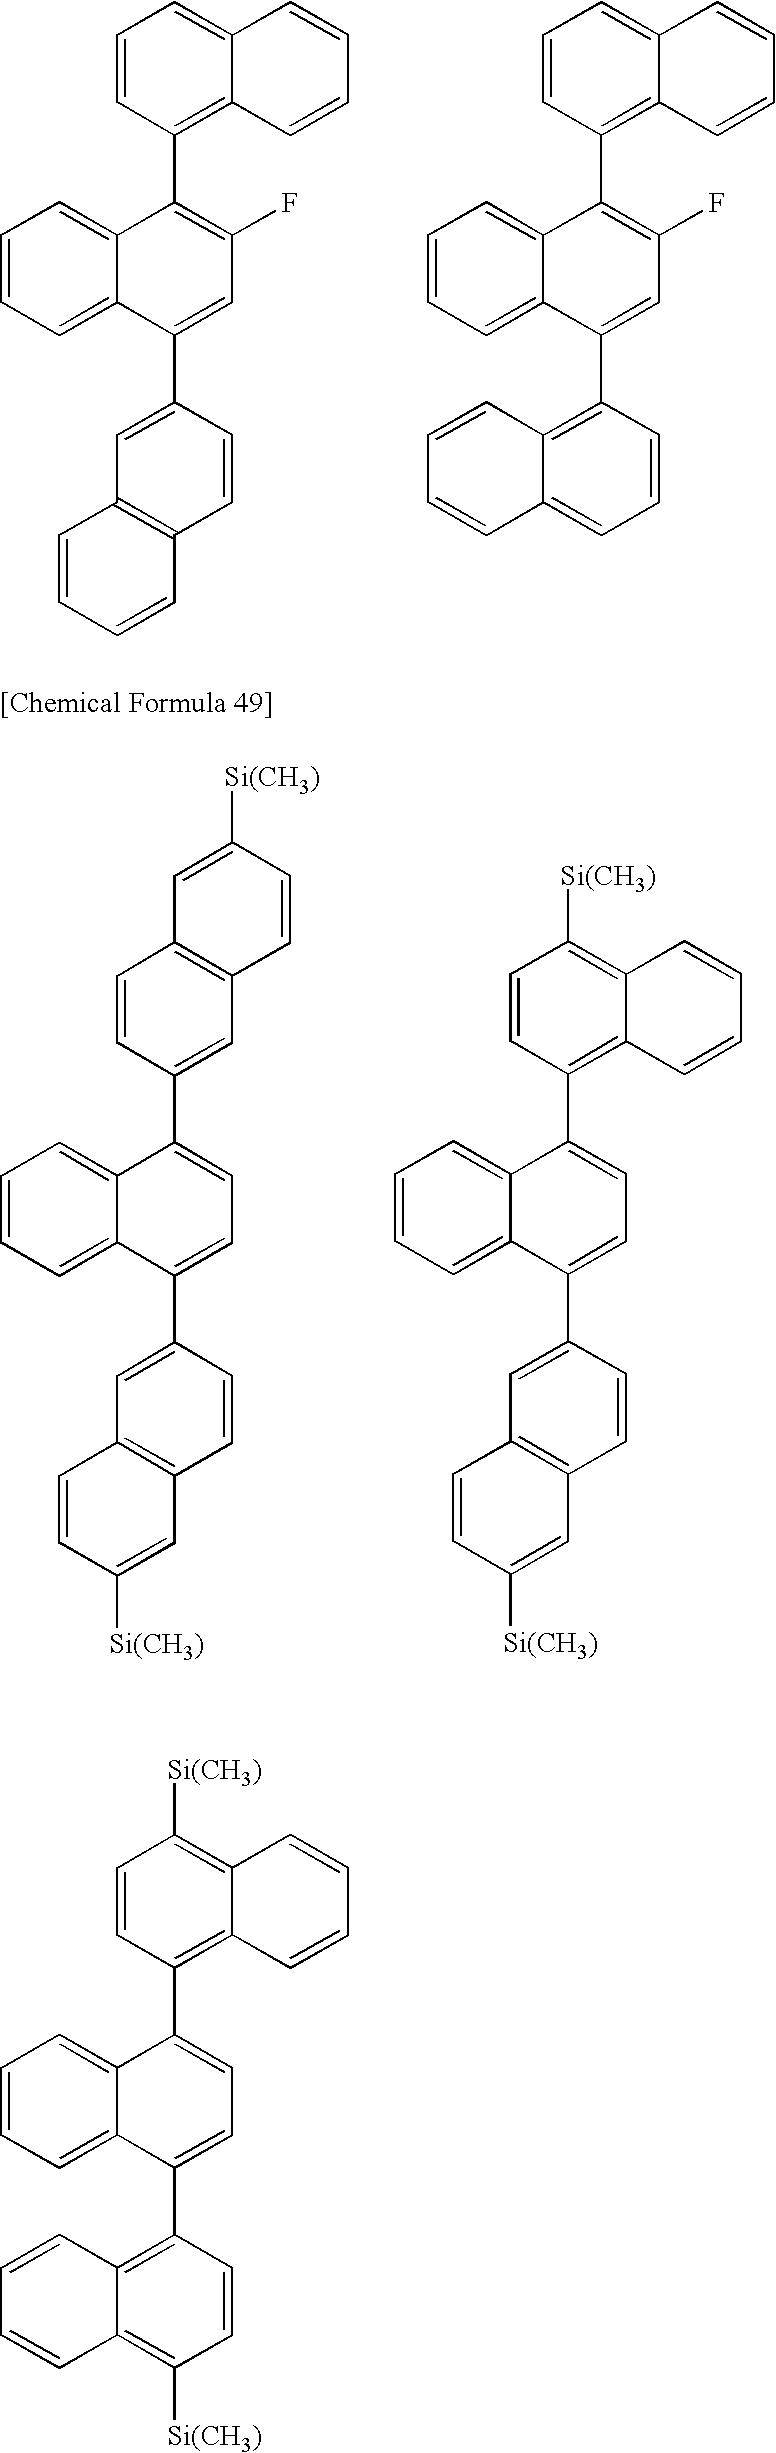 Figure US20100171109A1-20100708-C00076